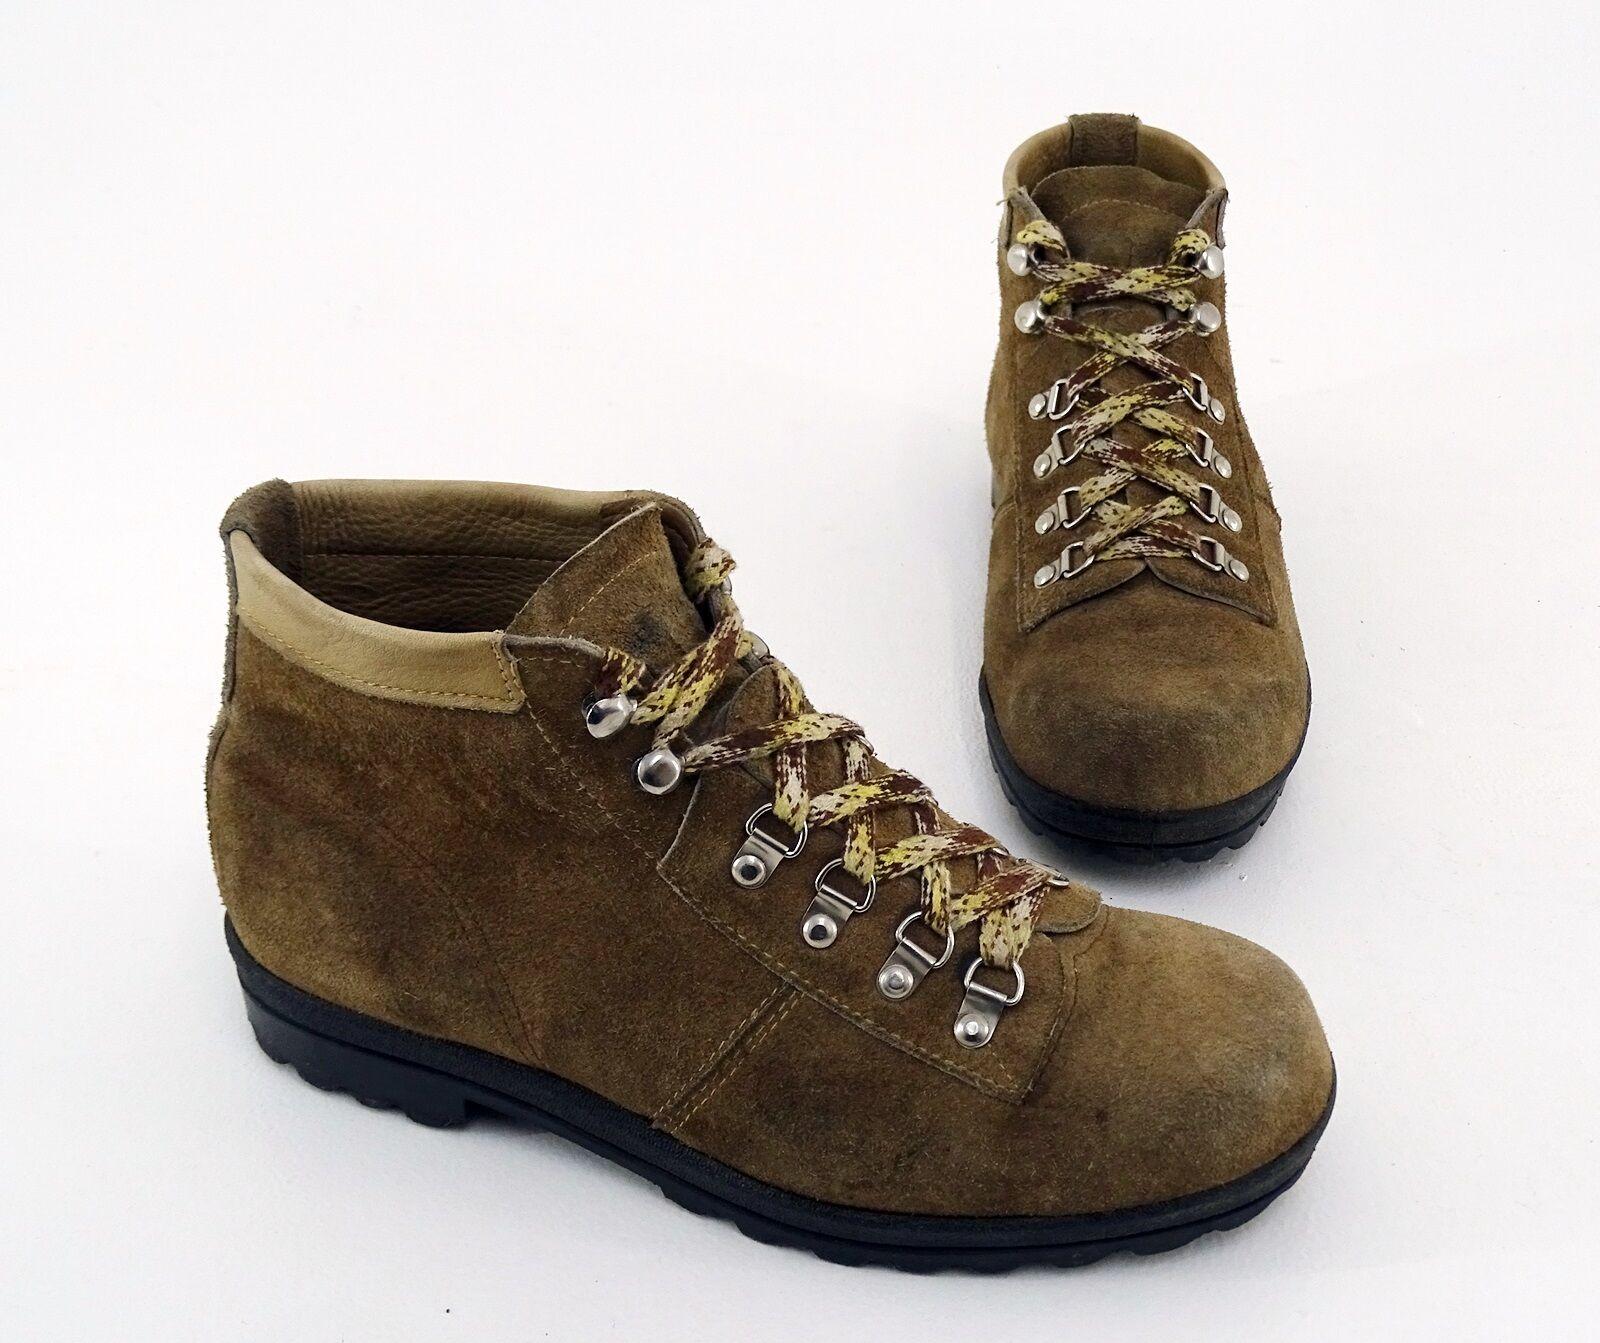 DDR Wanderschuhe Tourist Boots Outdoor  Echtleder brown Gr. 25 = 37,5